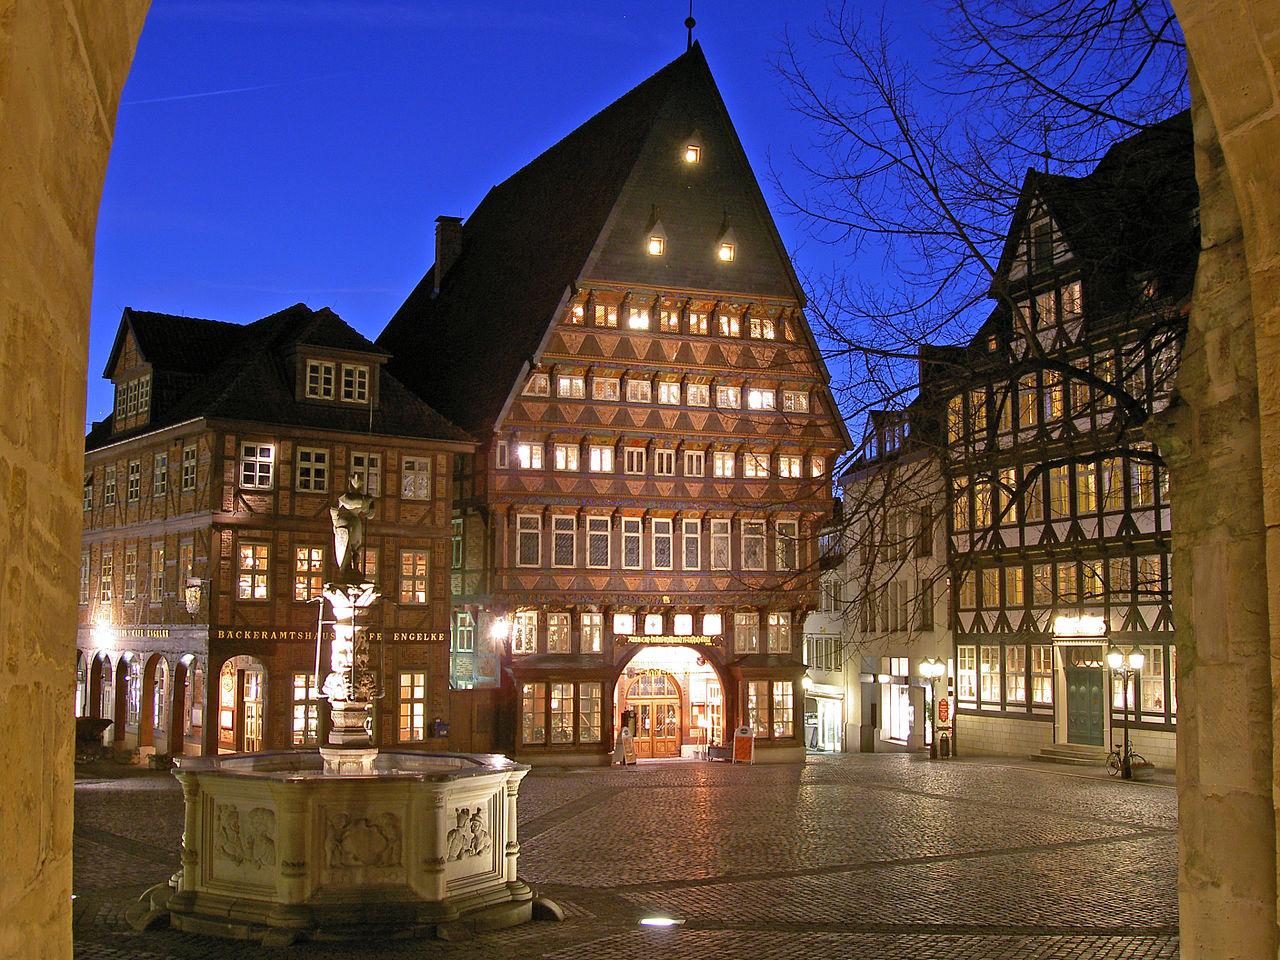 Хильдесхайм, Германия: главные достопримечательности города, что посетить и где вкусно поесть